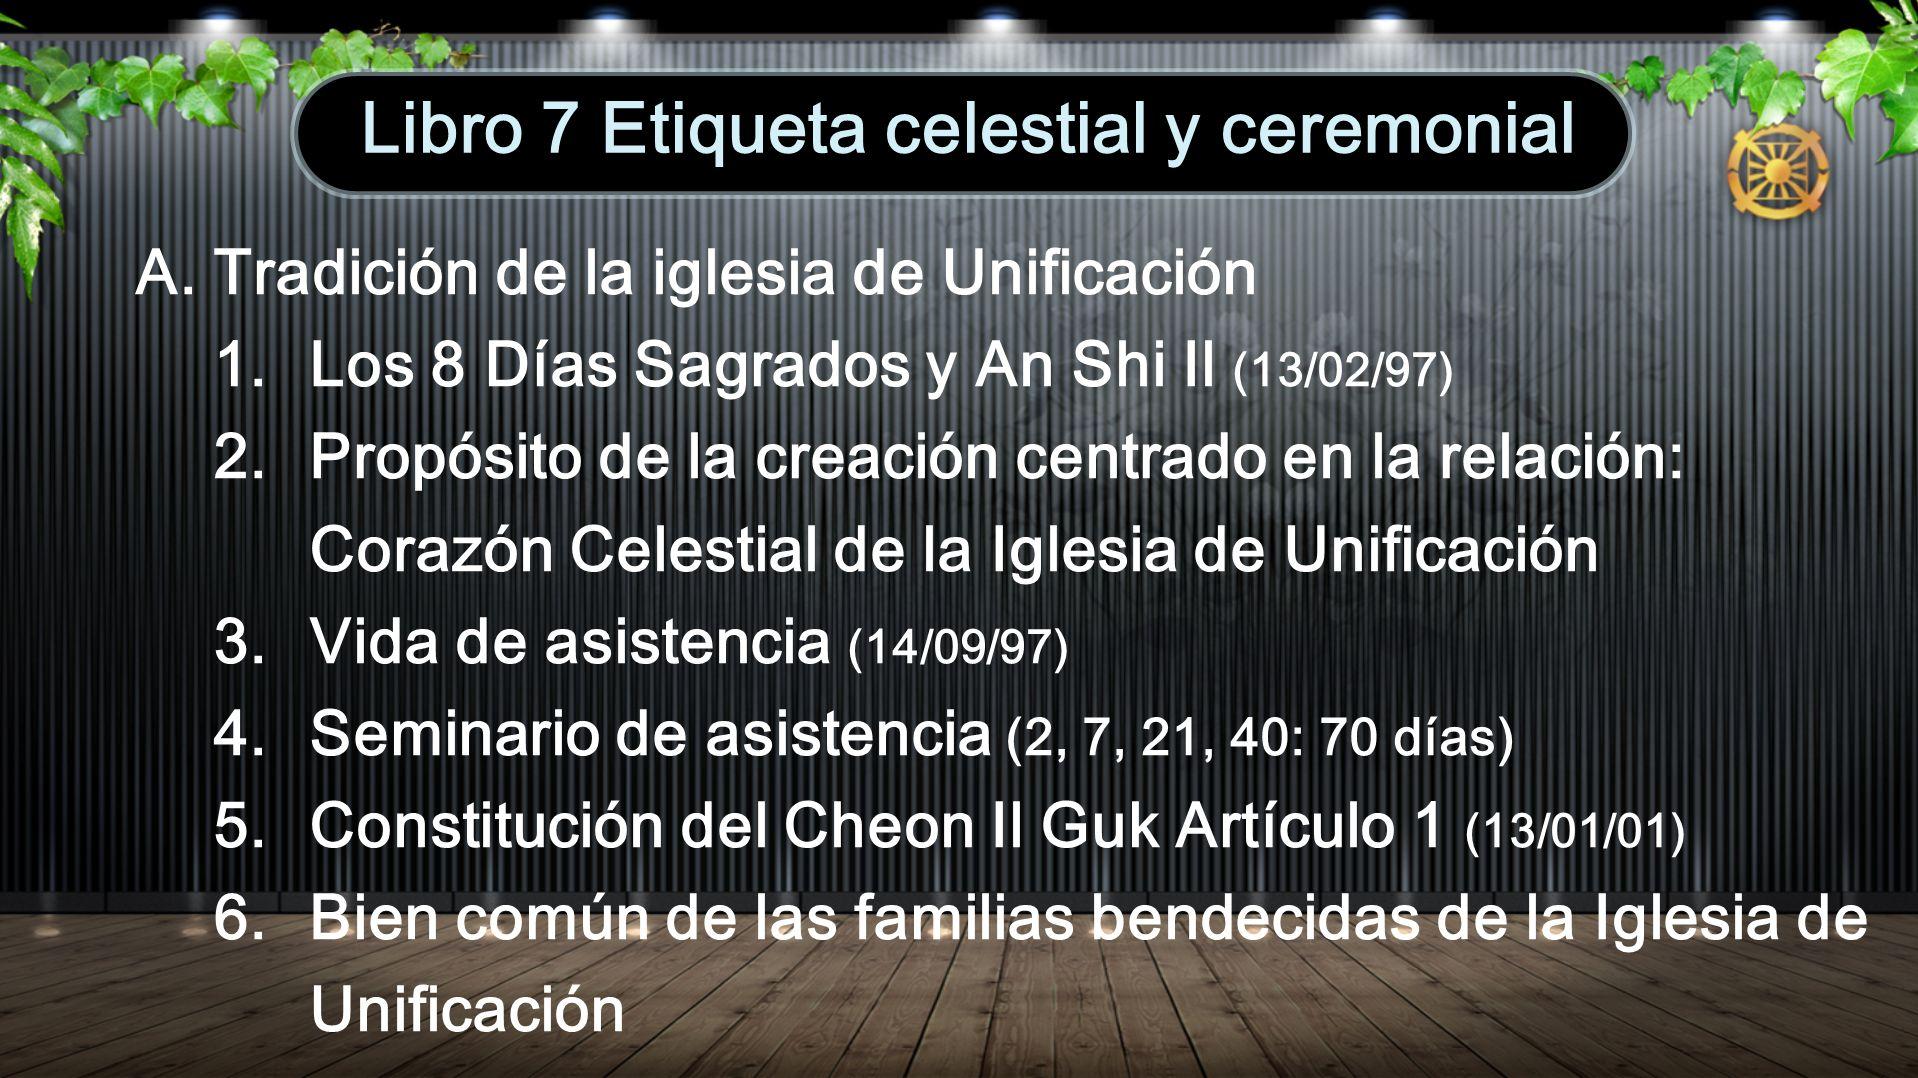 A. Tradición de la iglesia de Unificación 1. Los 8 Días Sagrados y An Shi Il (13/02/97) 2. Propósito de la creación centrado en la relación: Corazón C